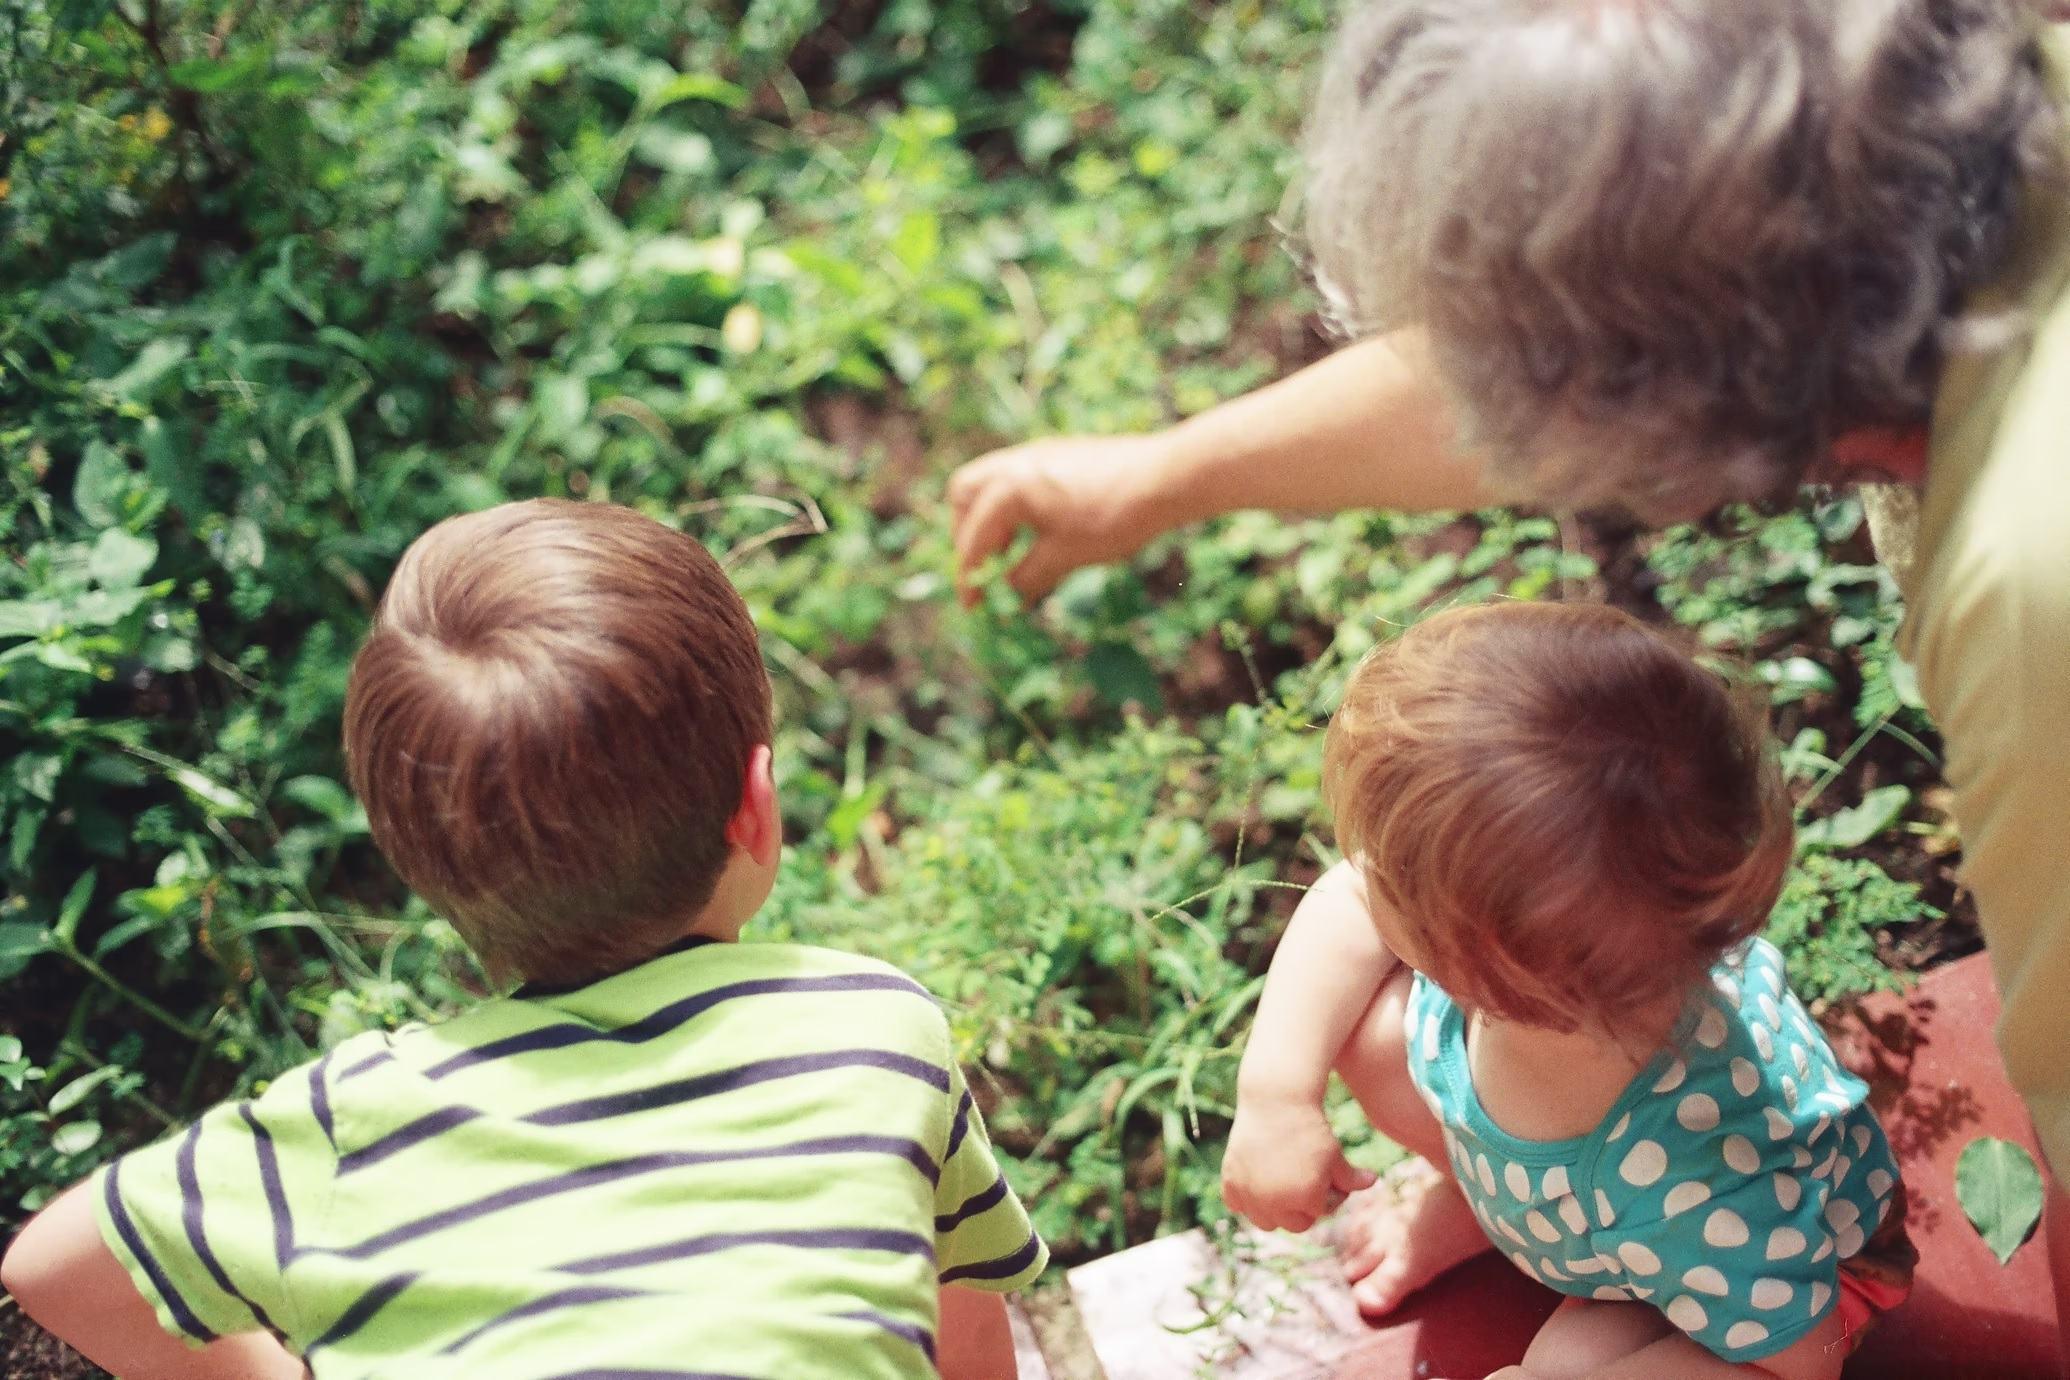 Lucruri pe care nu ti le-a spus nimeni despre bunici si pe care ele si-ar dori sa le stii